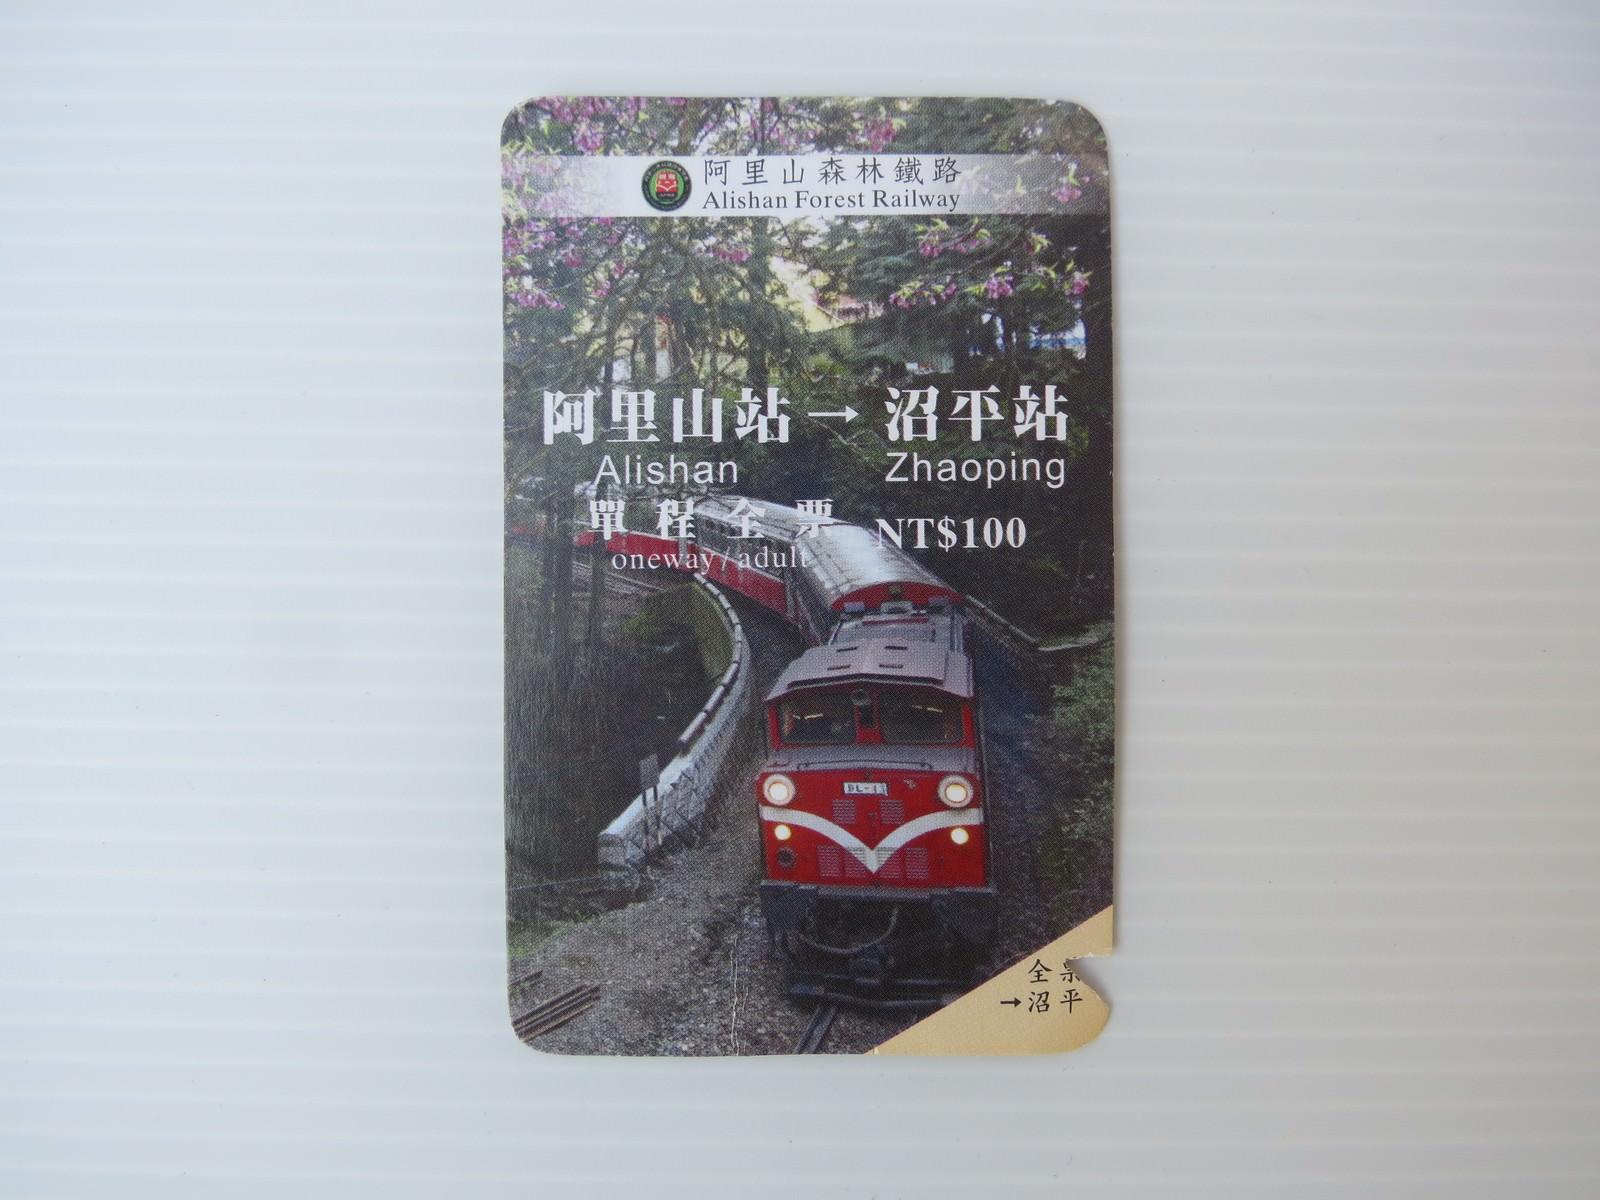 阿里山林業鐵路(森林小火車), 沼平車站車票